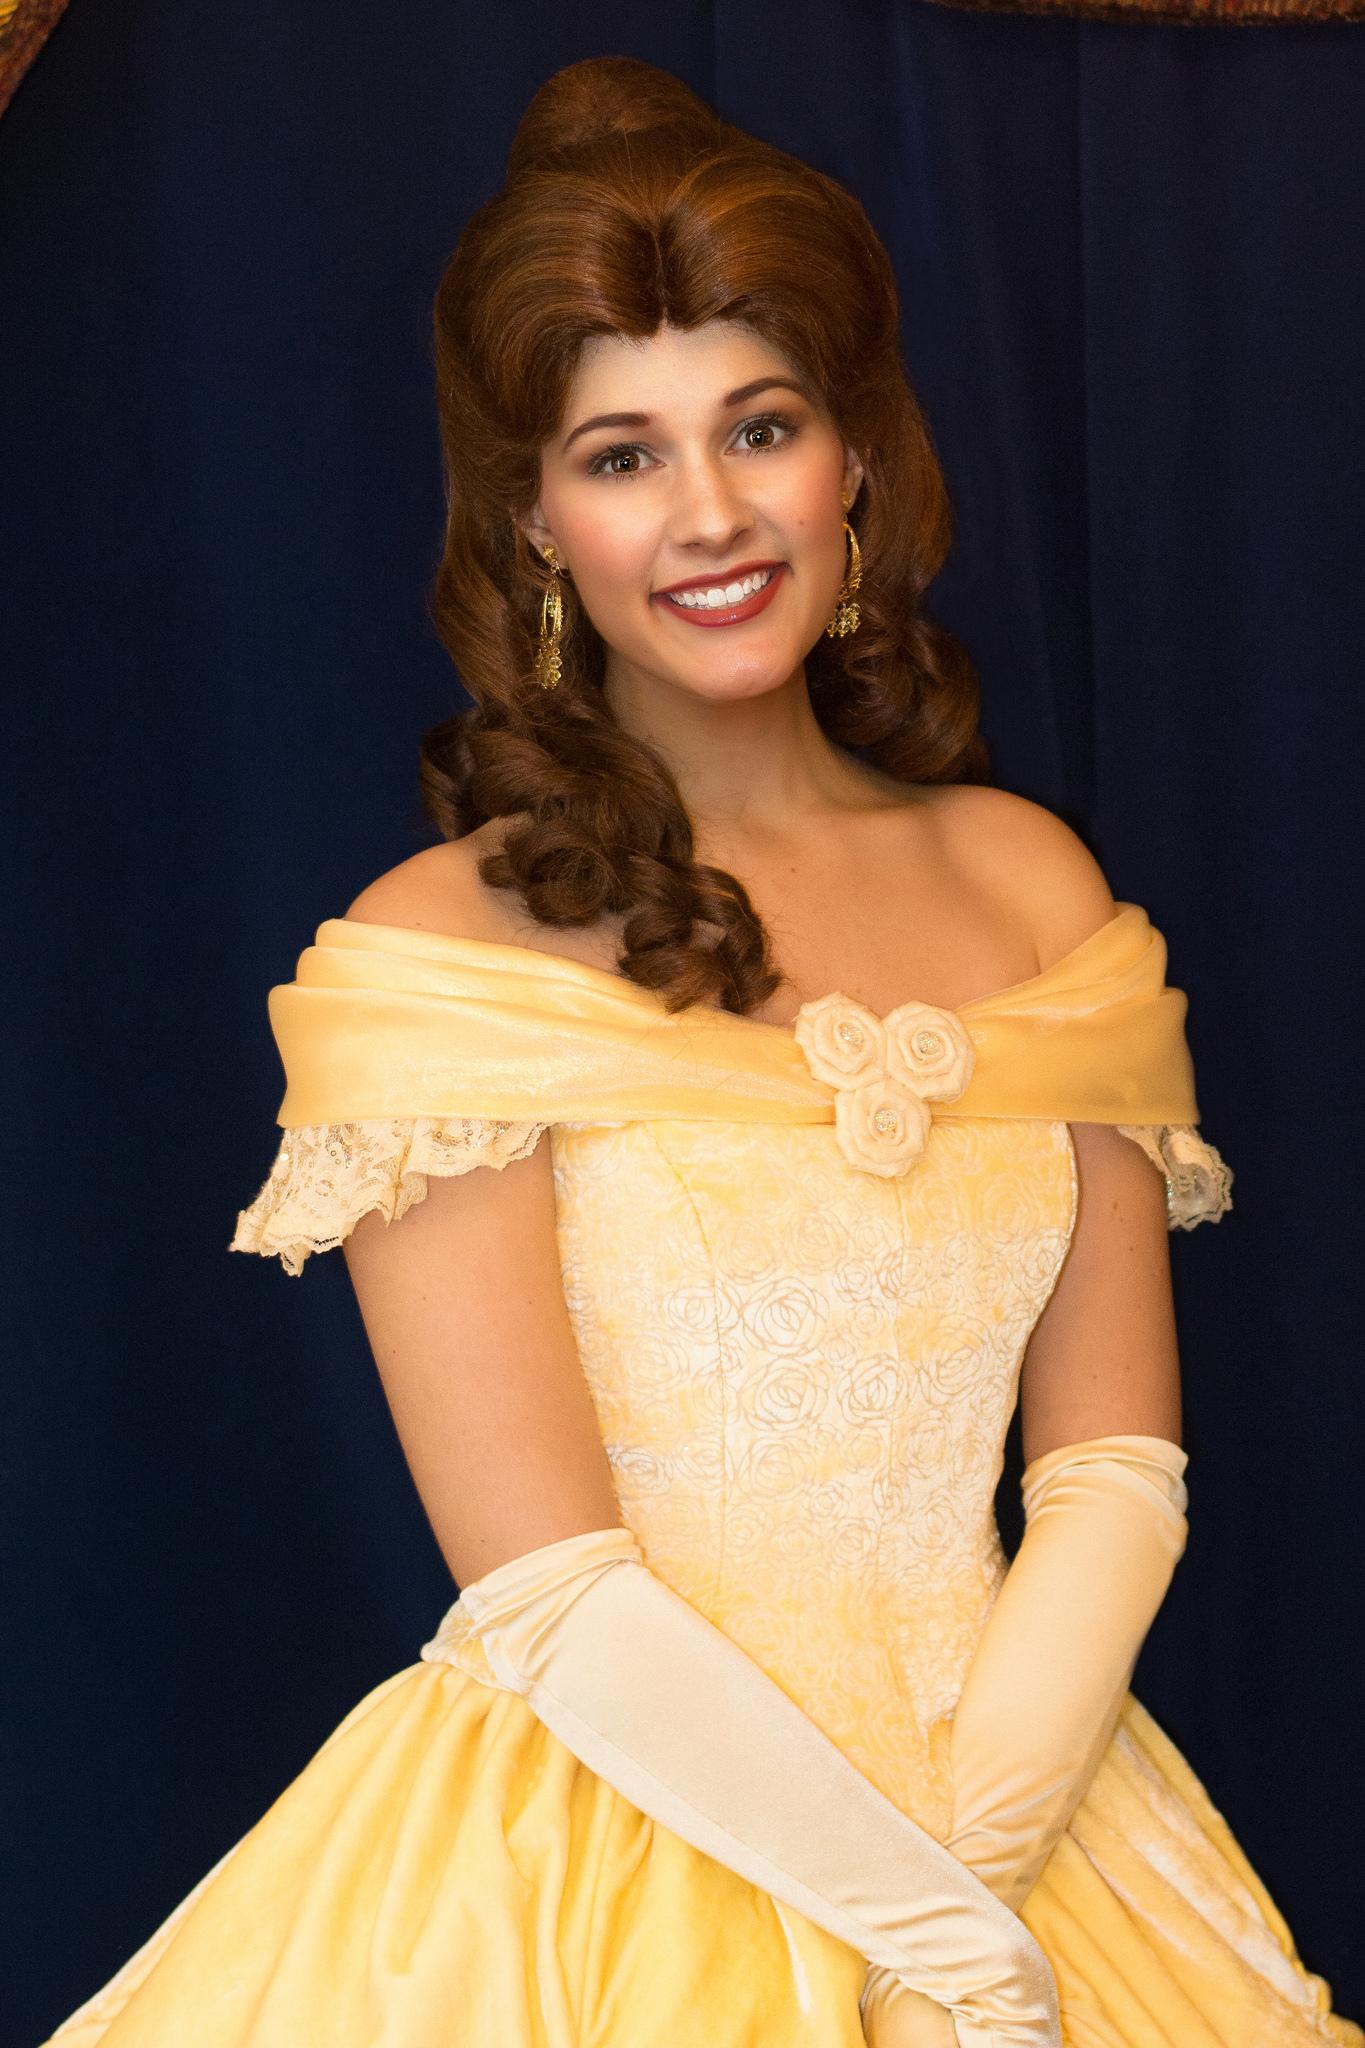 Belle (Beauty & the Beast)